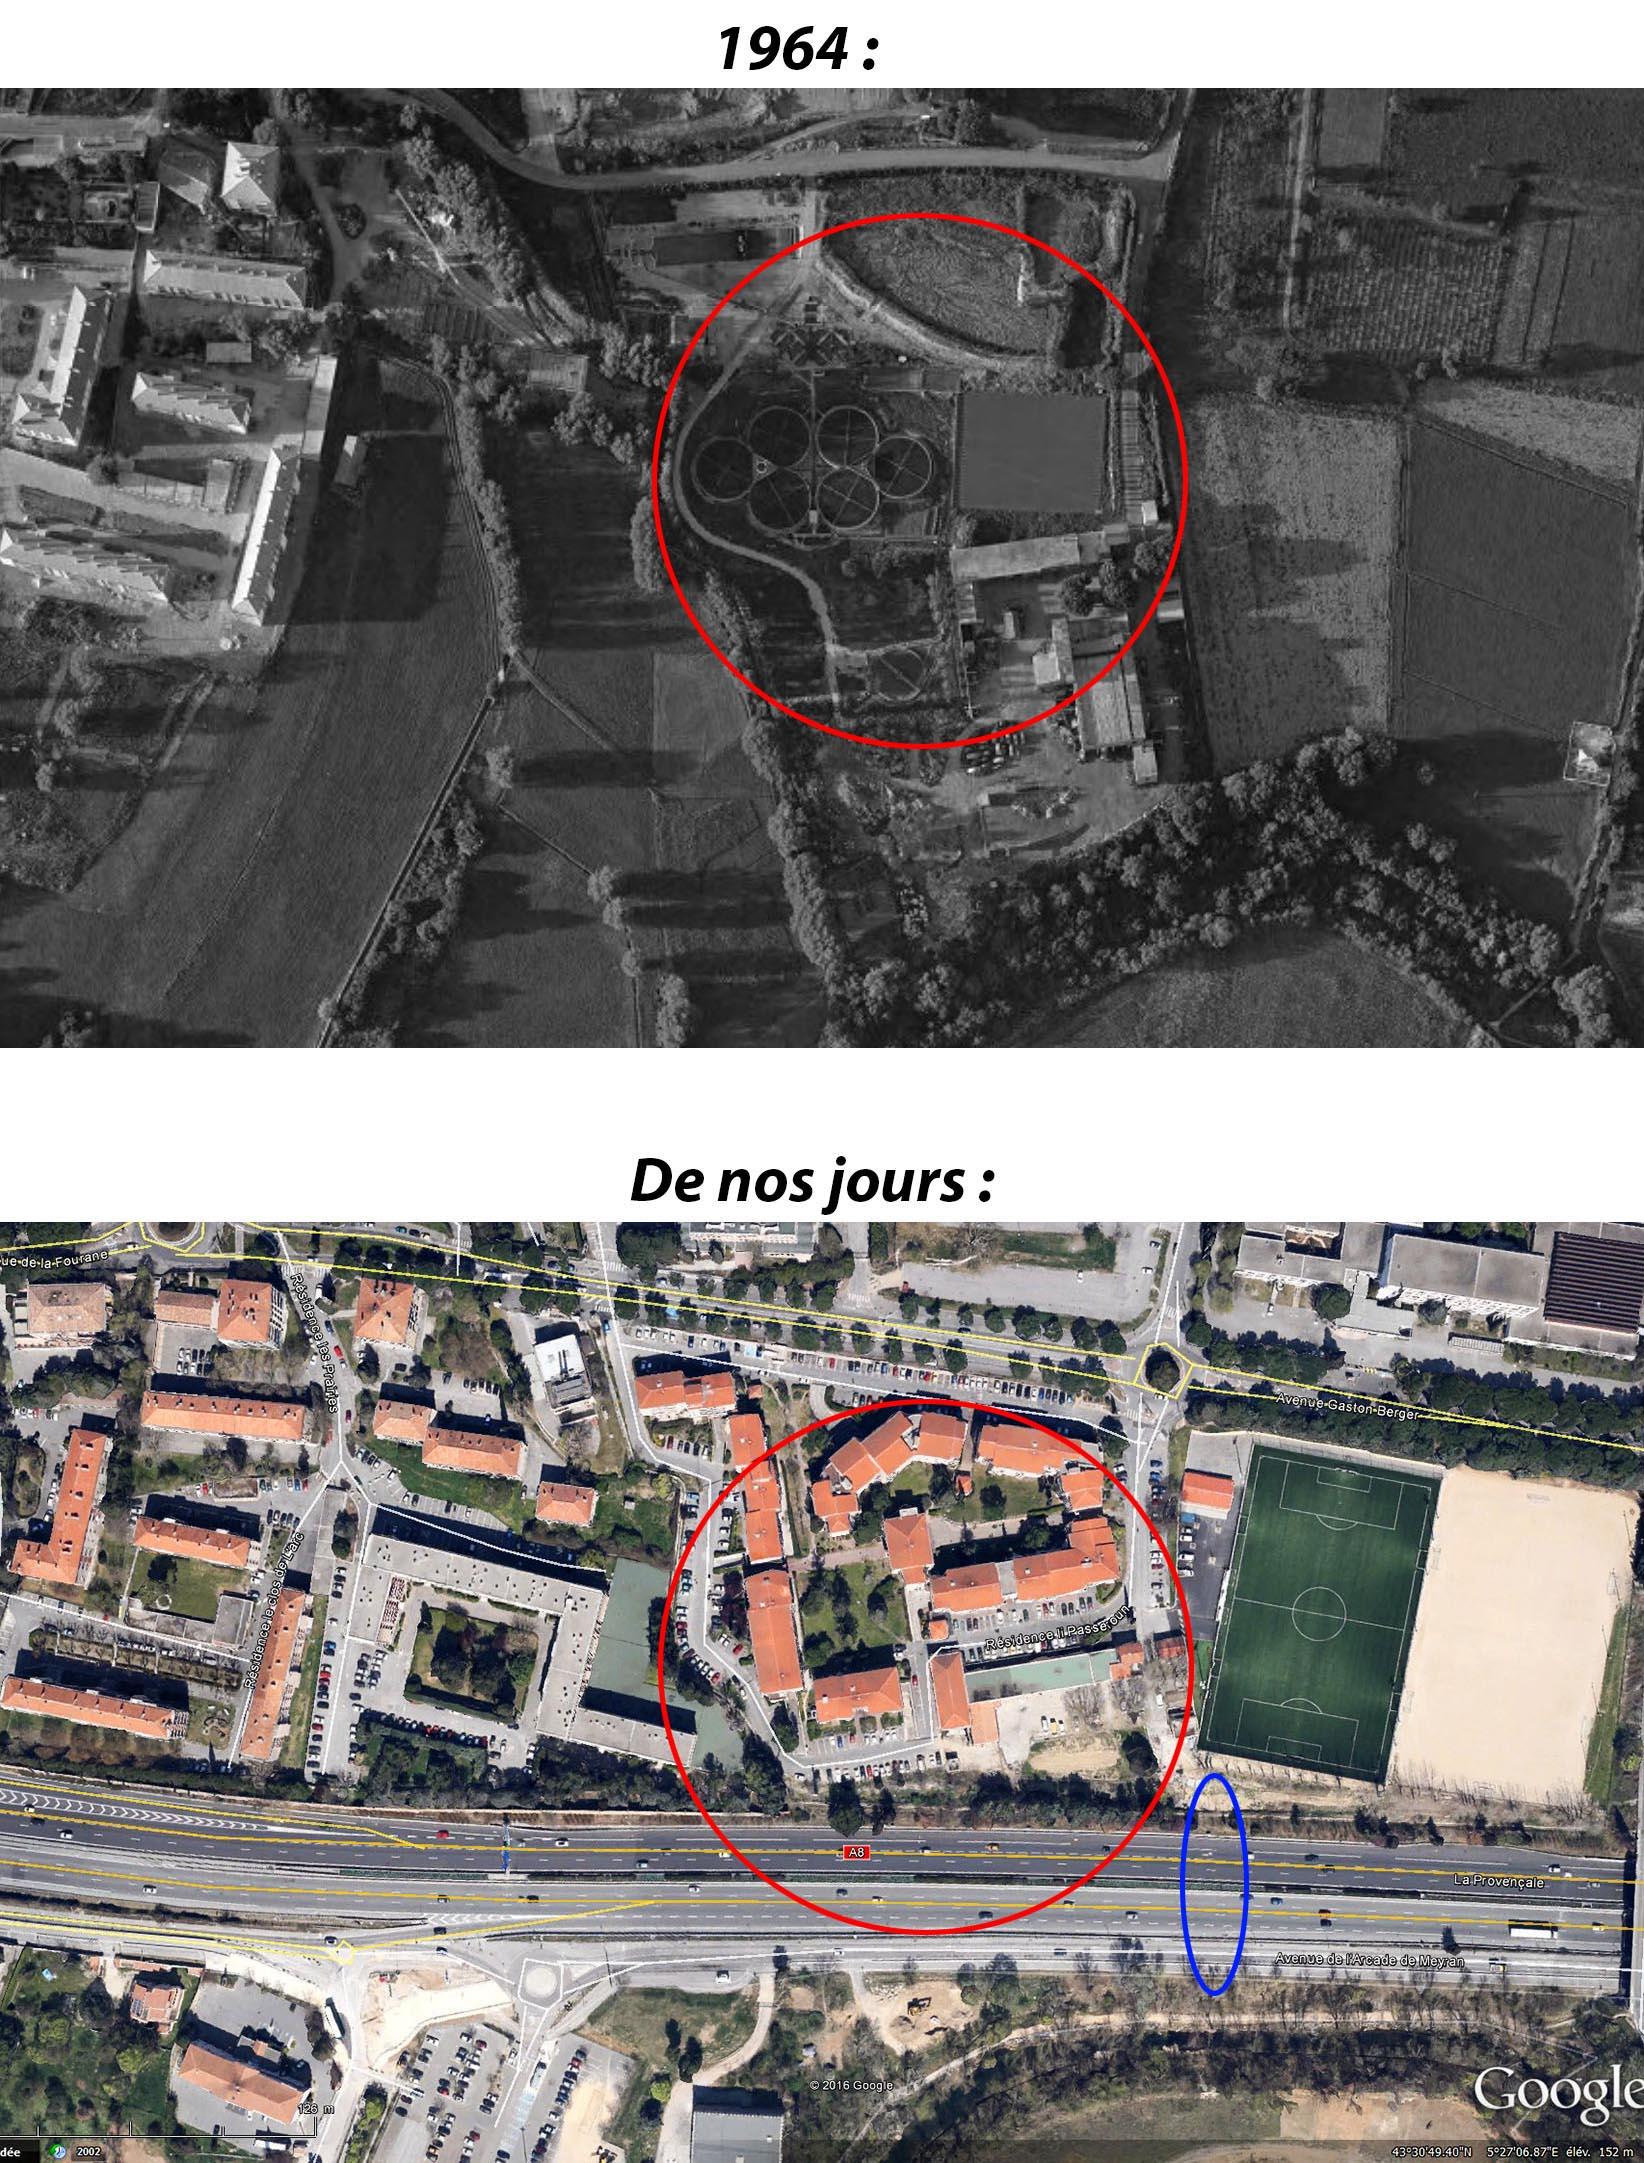 Le site de l'ancienne station d'épuration des Fenouillères en 1964 et de nos jours - Photos : Google Maps et © IGN GEOPORTAIL/1964